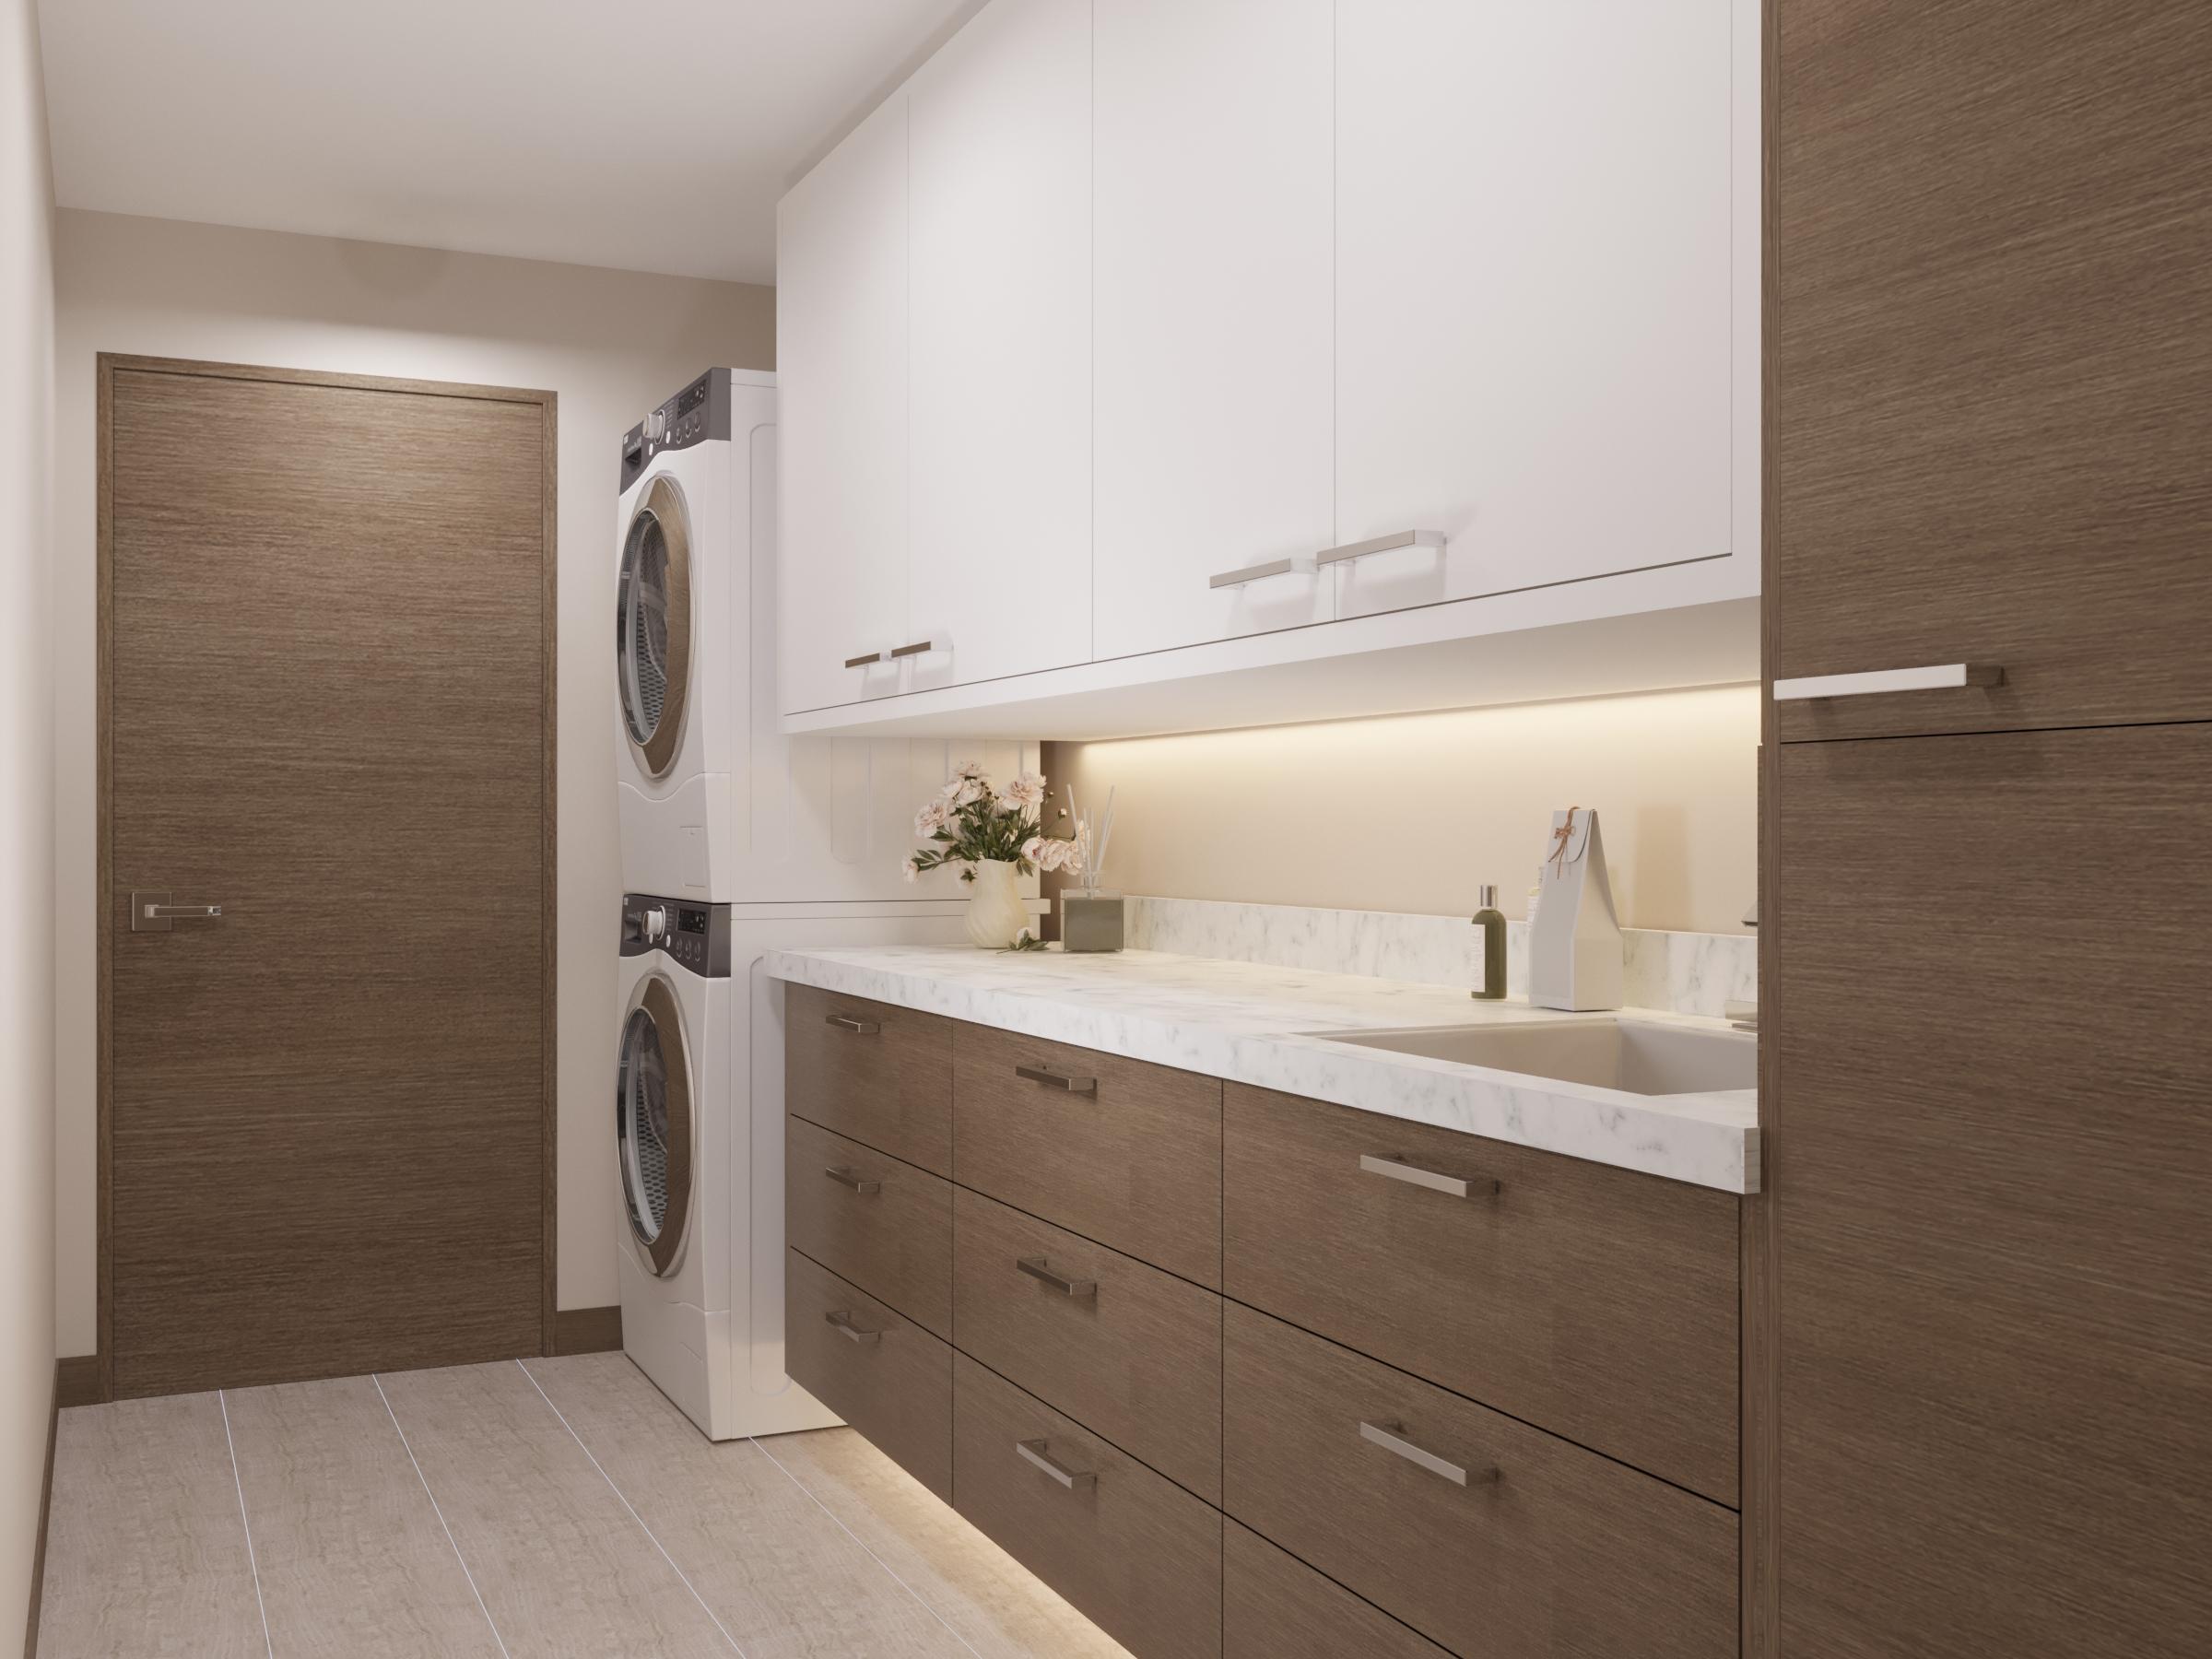 MAIN LEVEL: Laundry Room